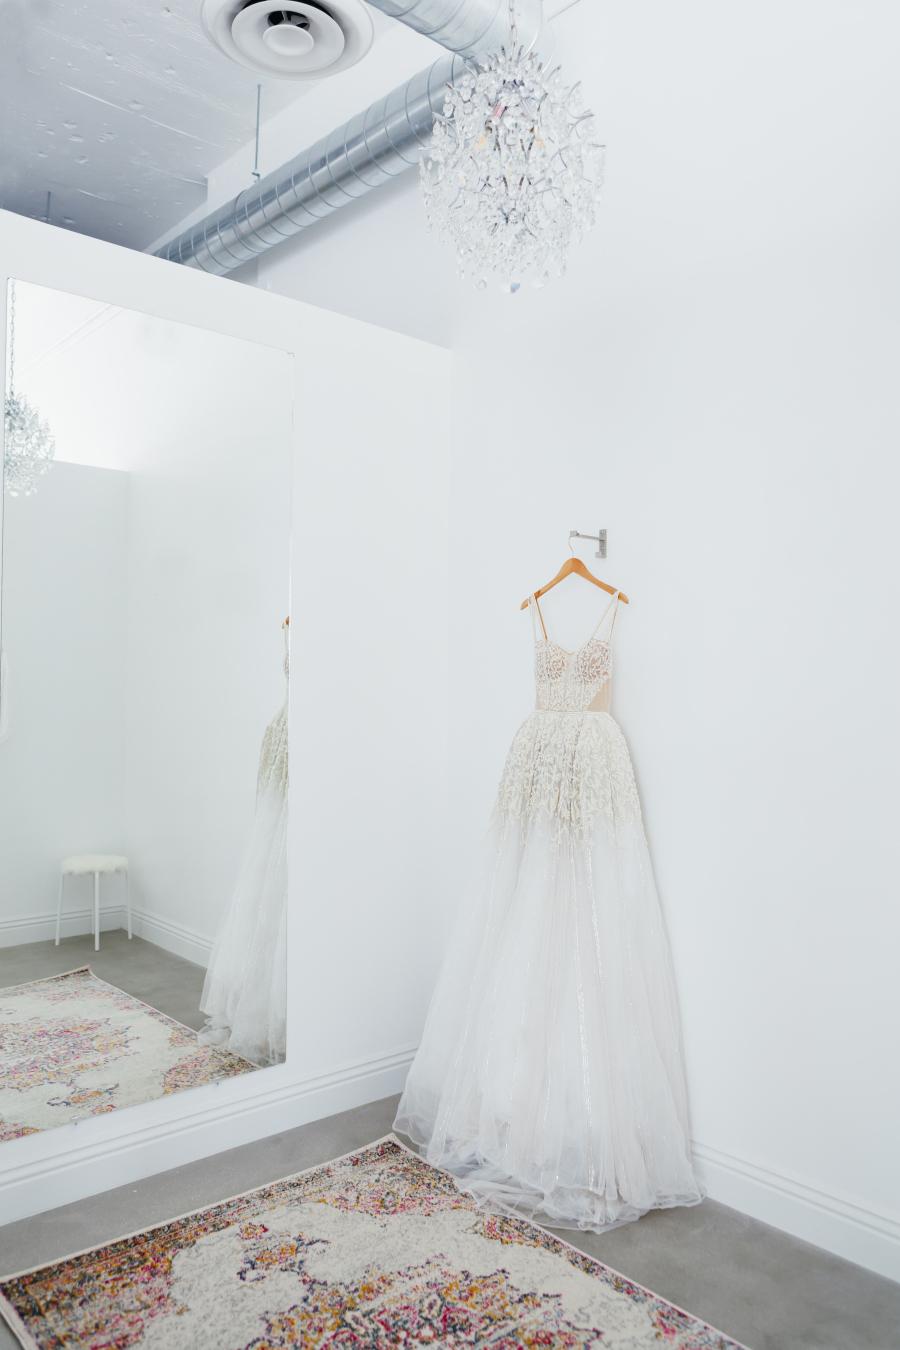 Das perfekte Brautkleid finden - Tipps beim Brautkleidkauf